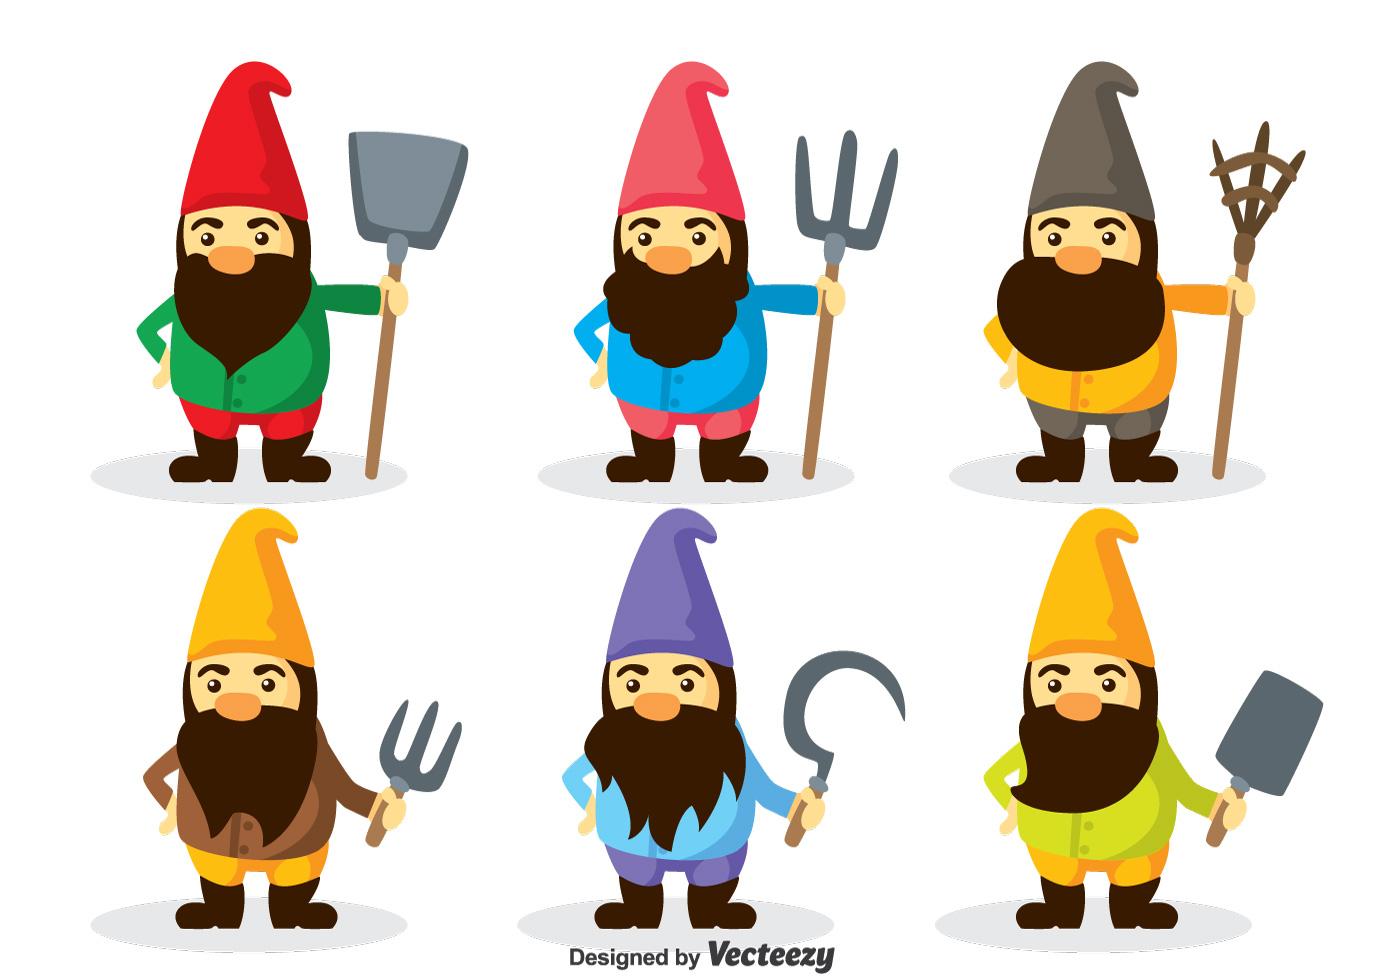 Gnome Clip Art: Download Free Vectors, Clipart